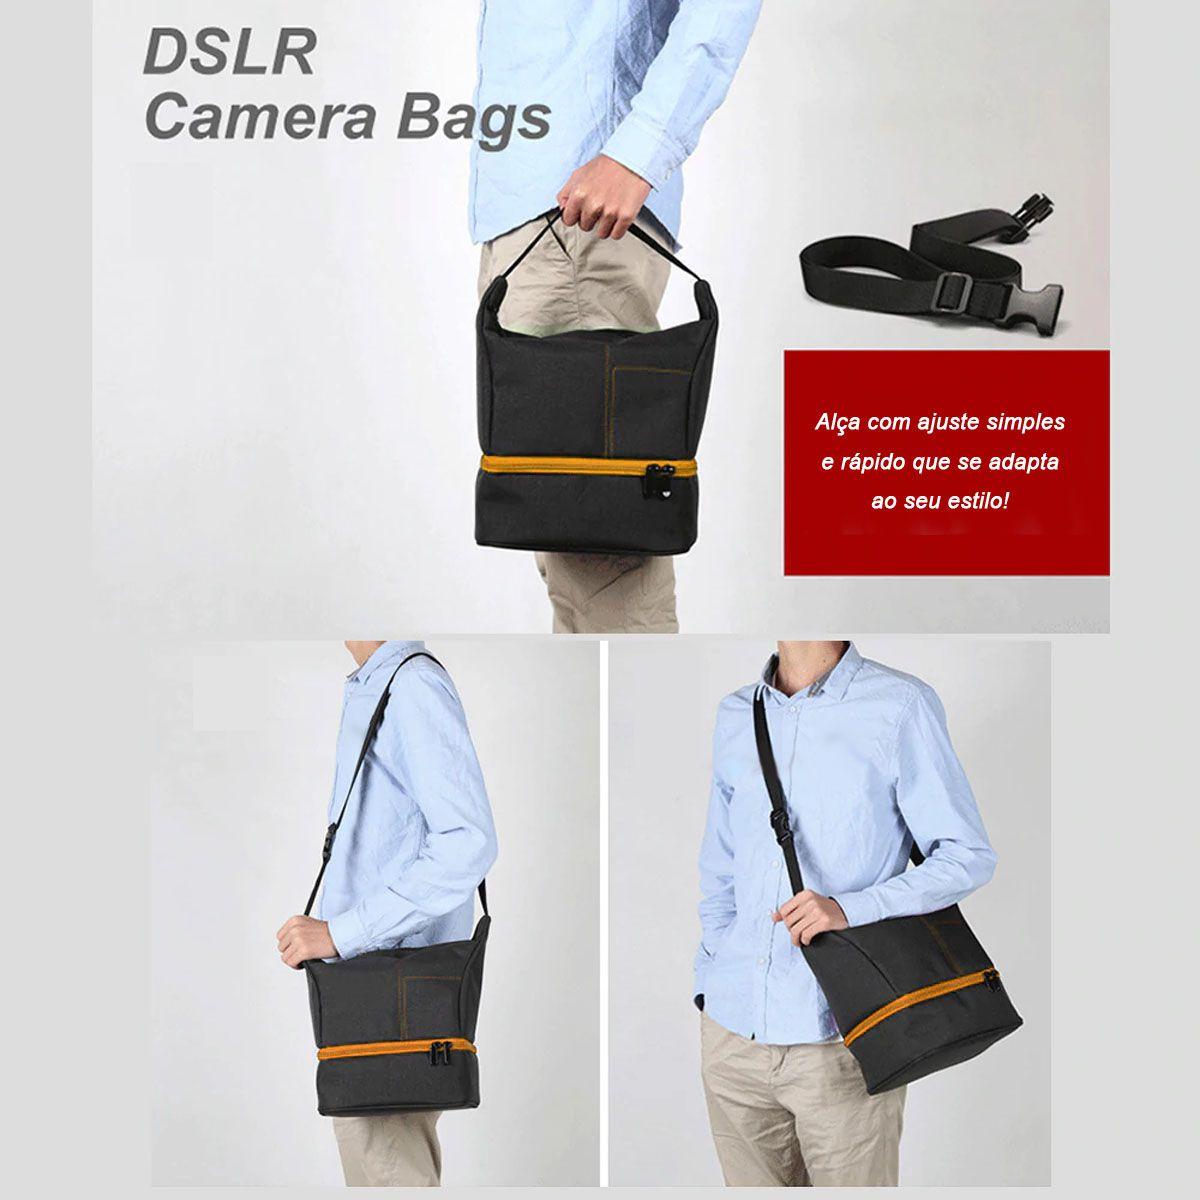 Bolsa Câmera DSLR ou Vídeo - ER 7513 LJ com Kit de Limpeza EC01  - Diafilme Materiais Fotográficos